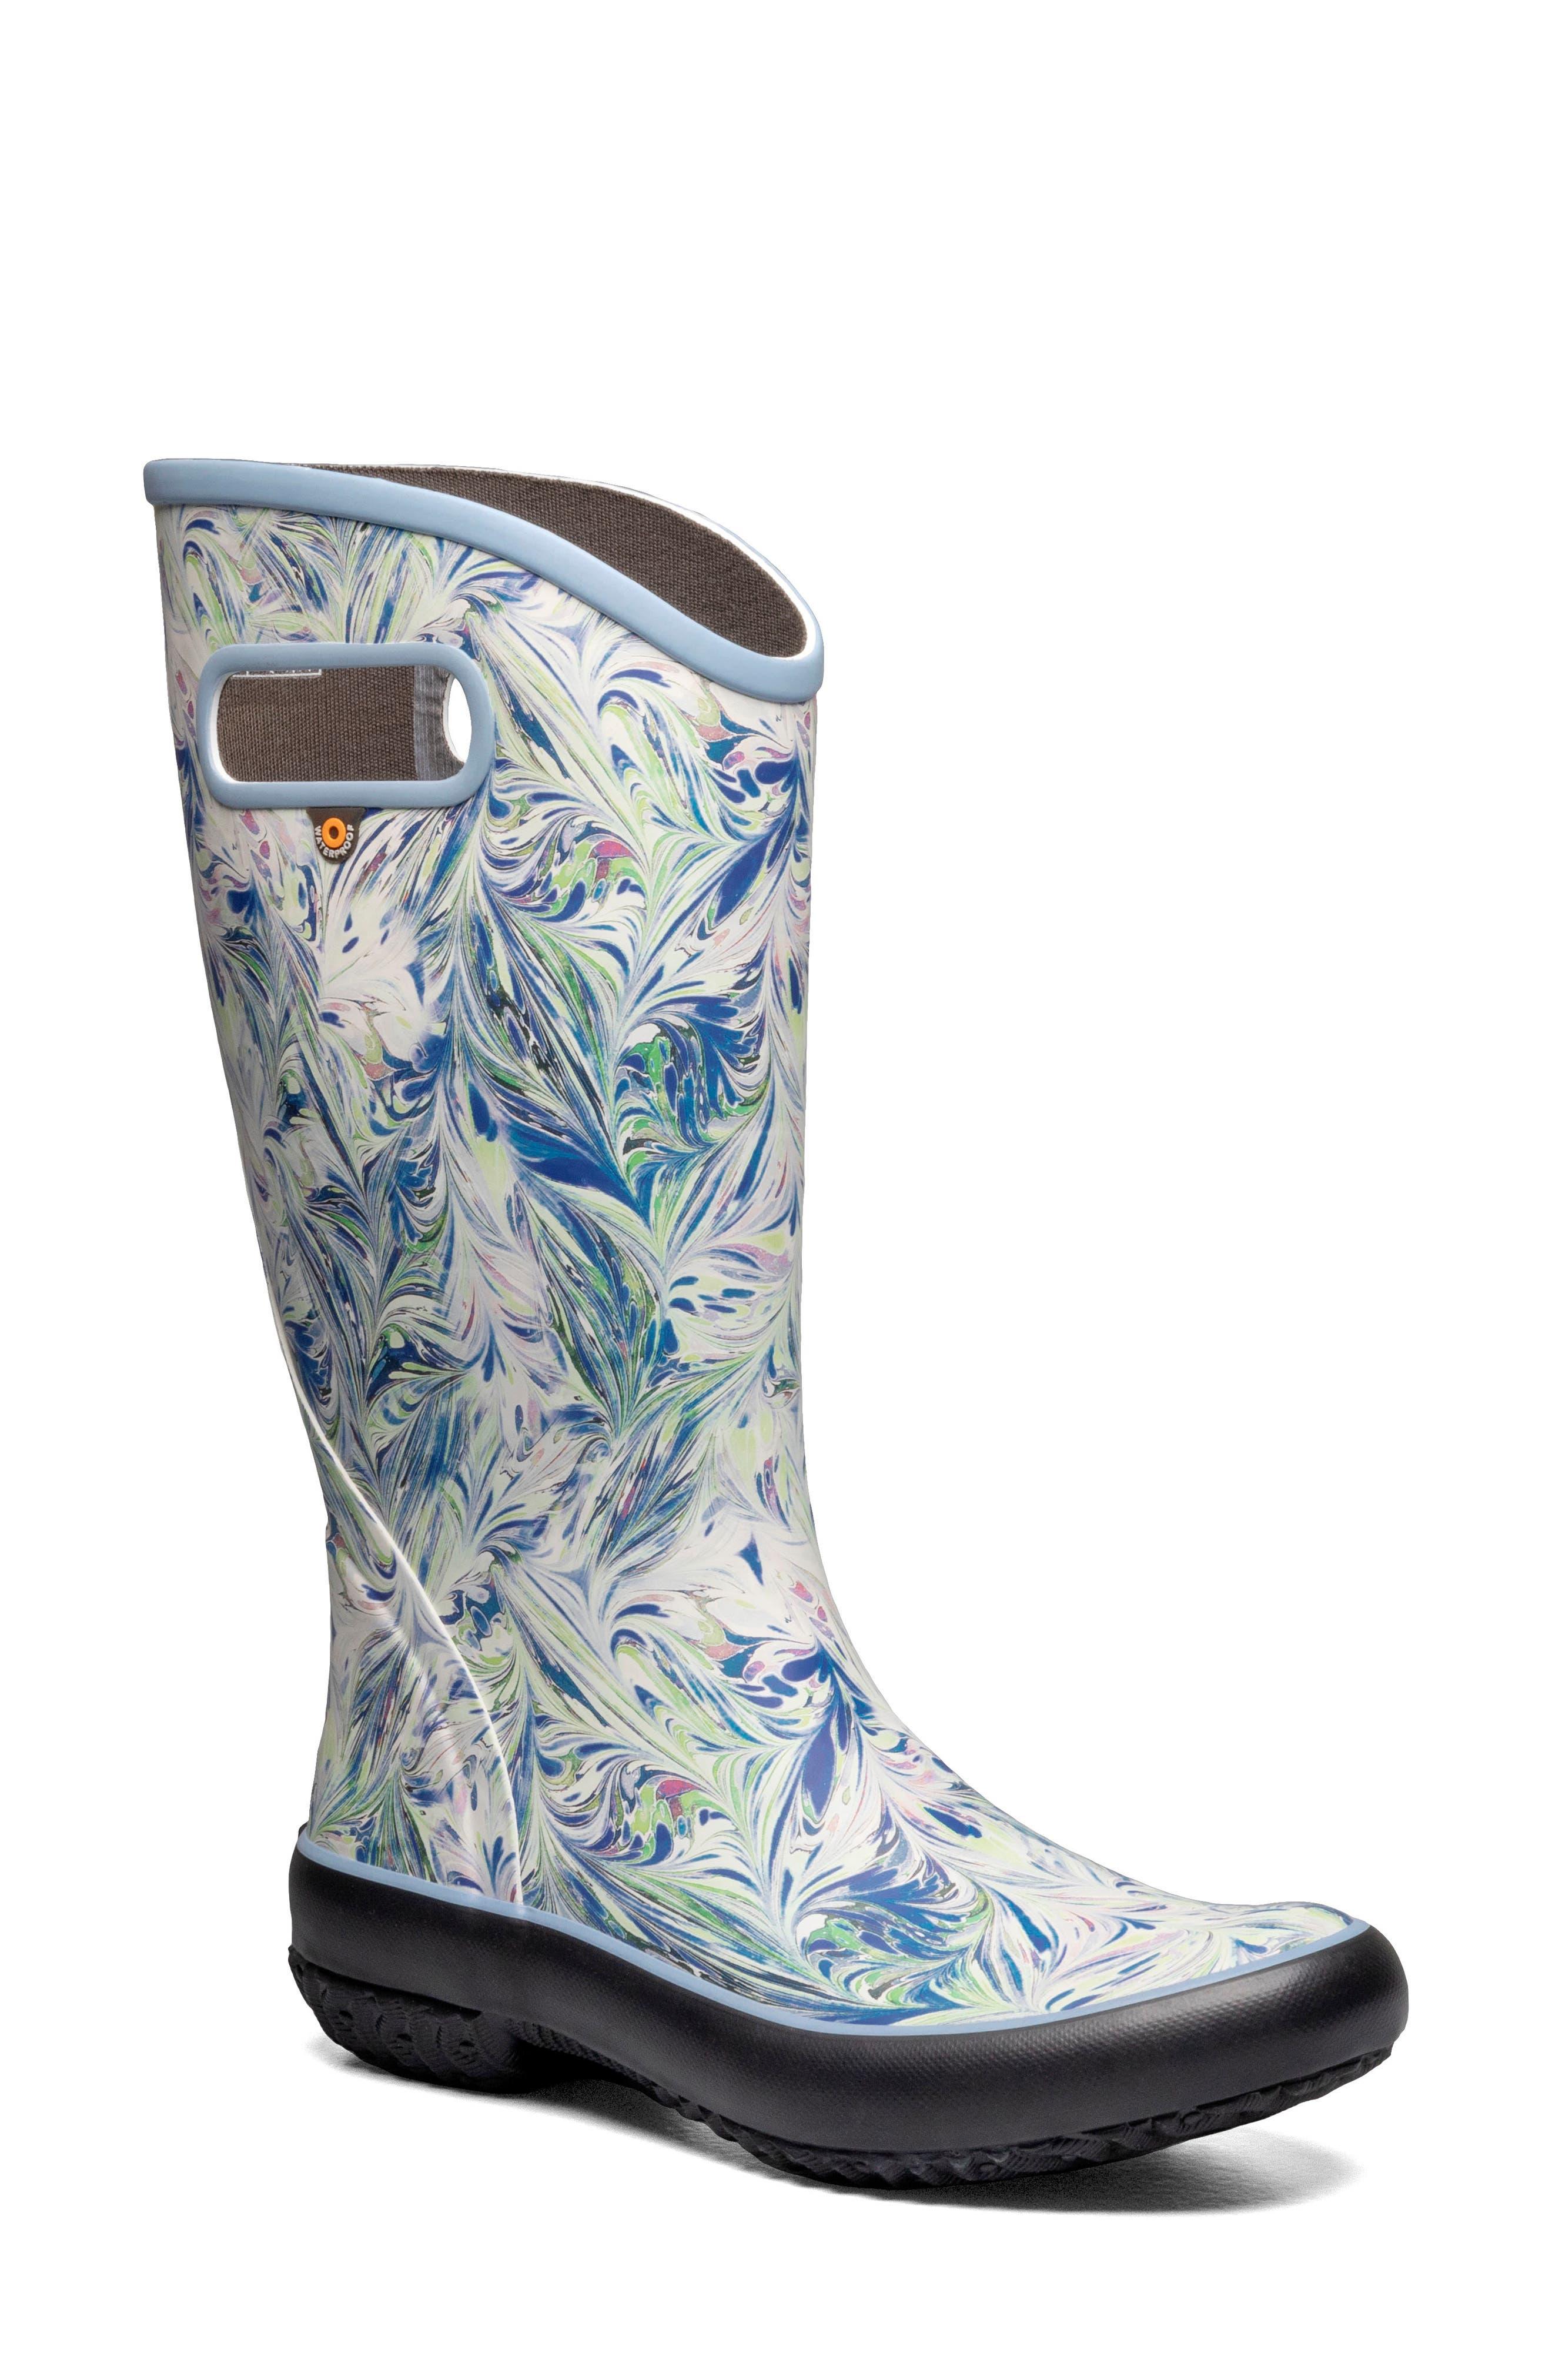 Marble Print Waterproof Rain Boot